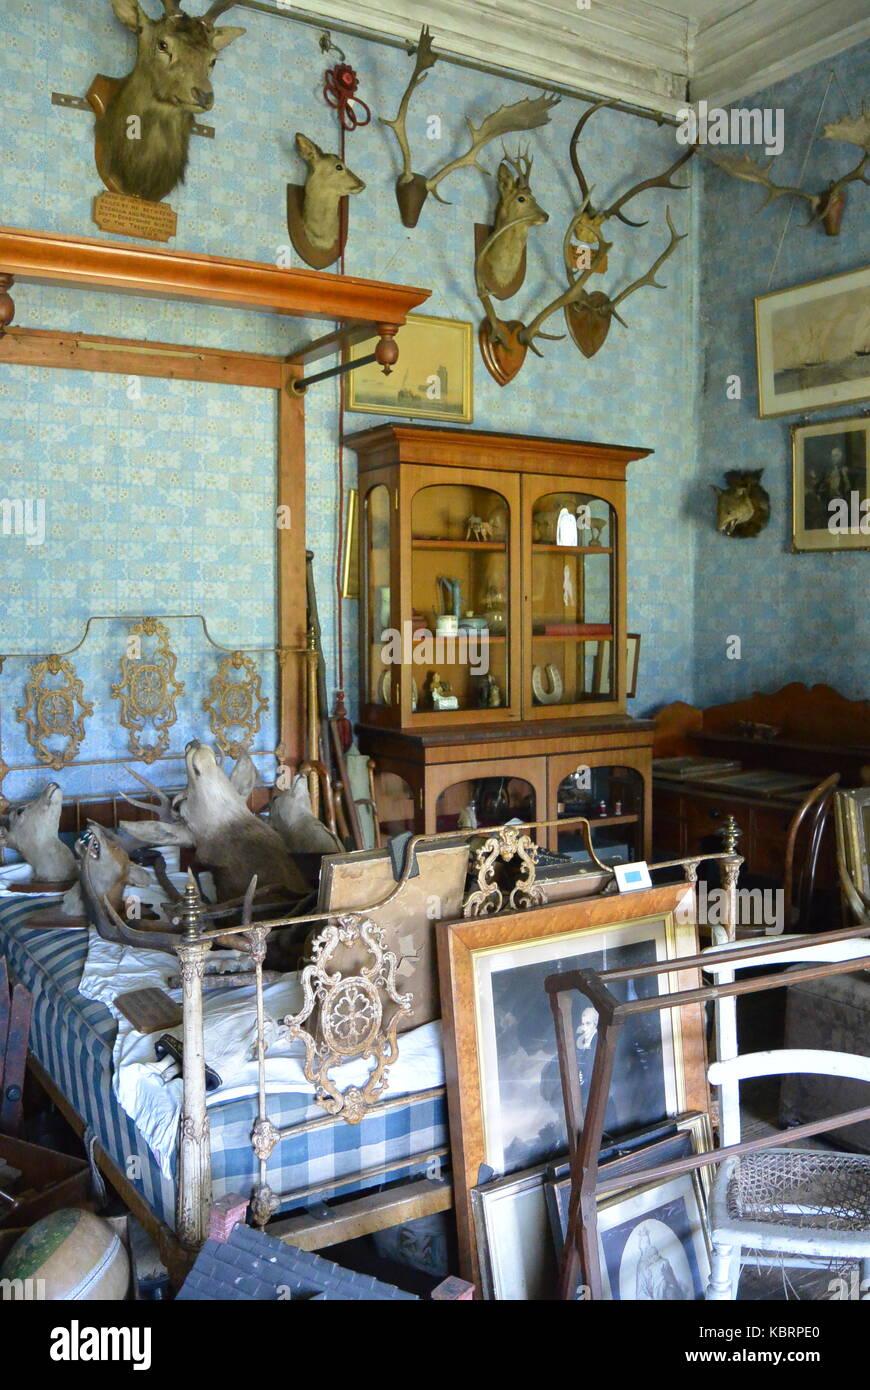 Schlafzimmer In Englisch Herrenhaus Stockfoto Bild 162177064 Alamy